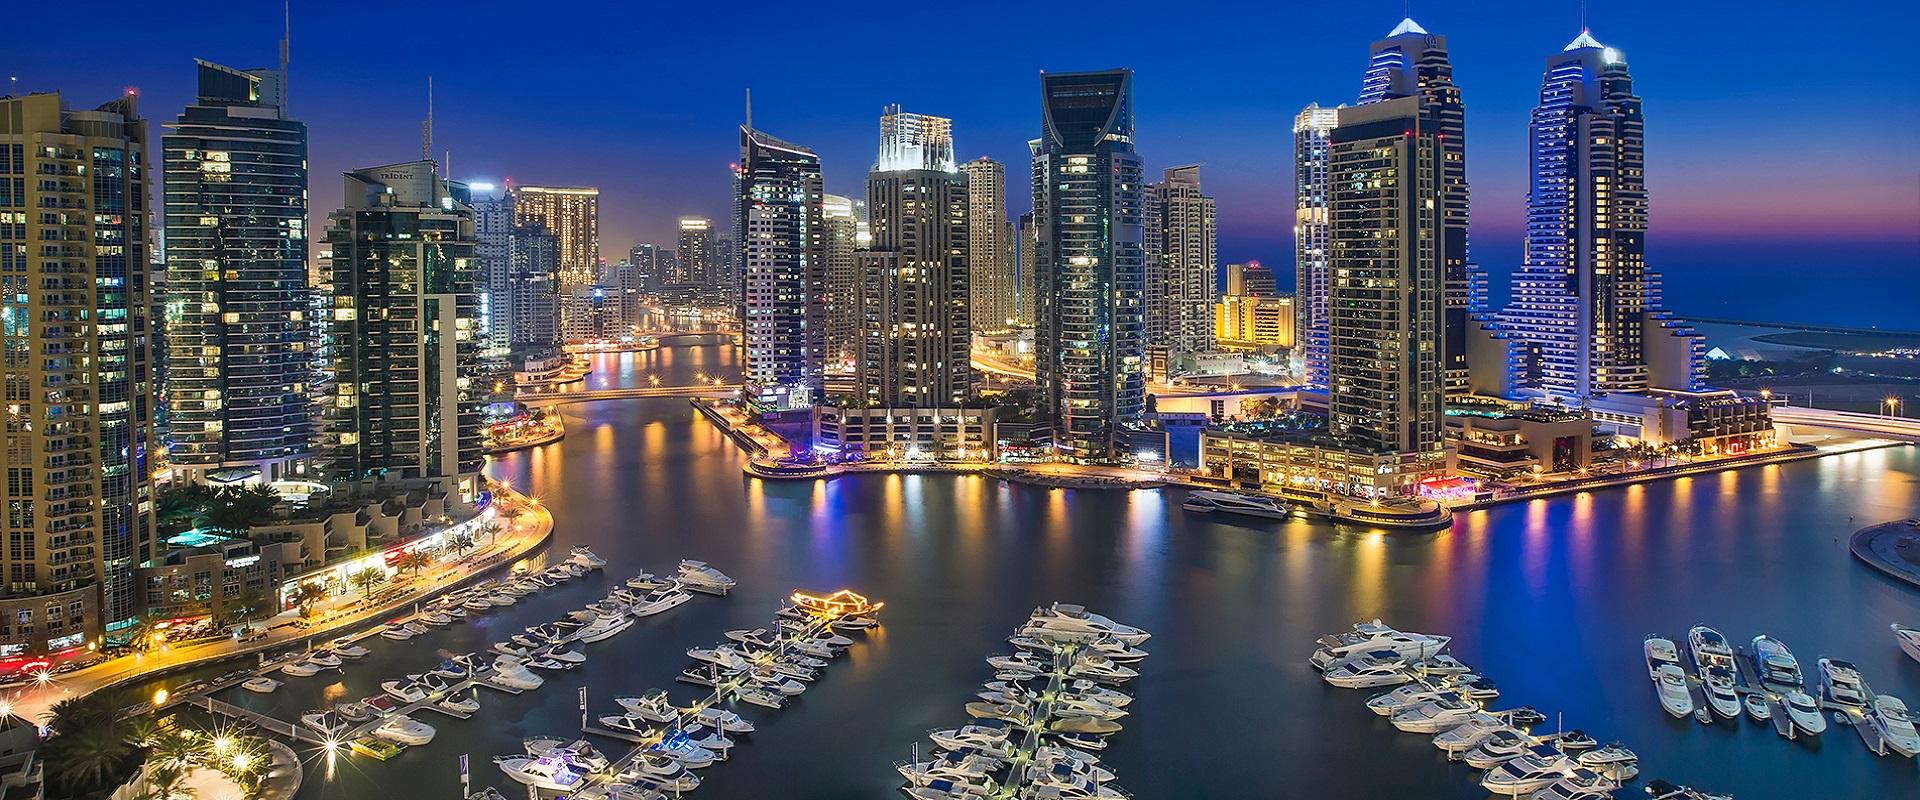 DUBAI EXTRAVAGANZA-HYATT REGENCY